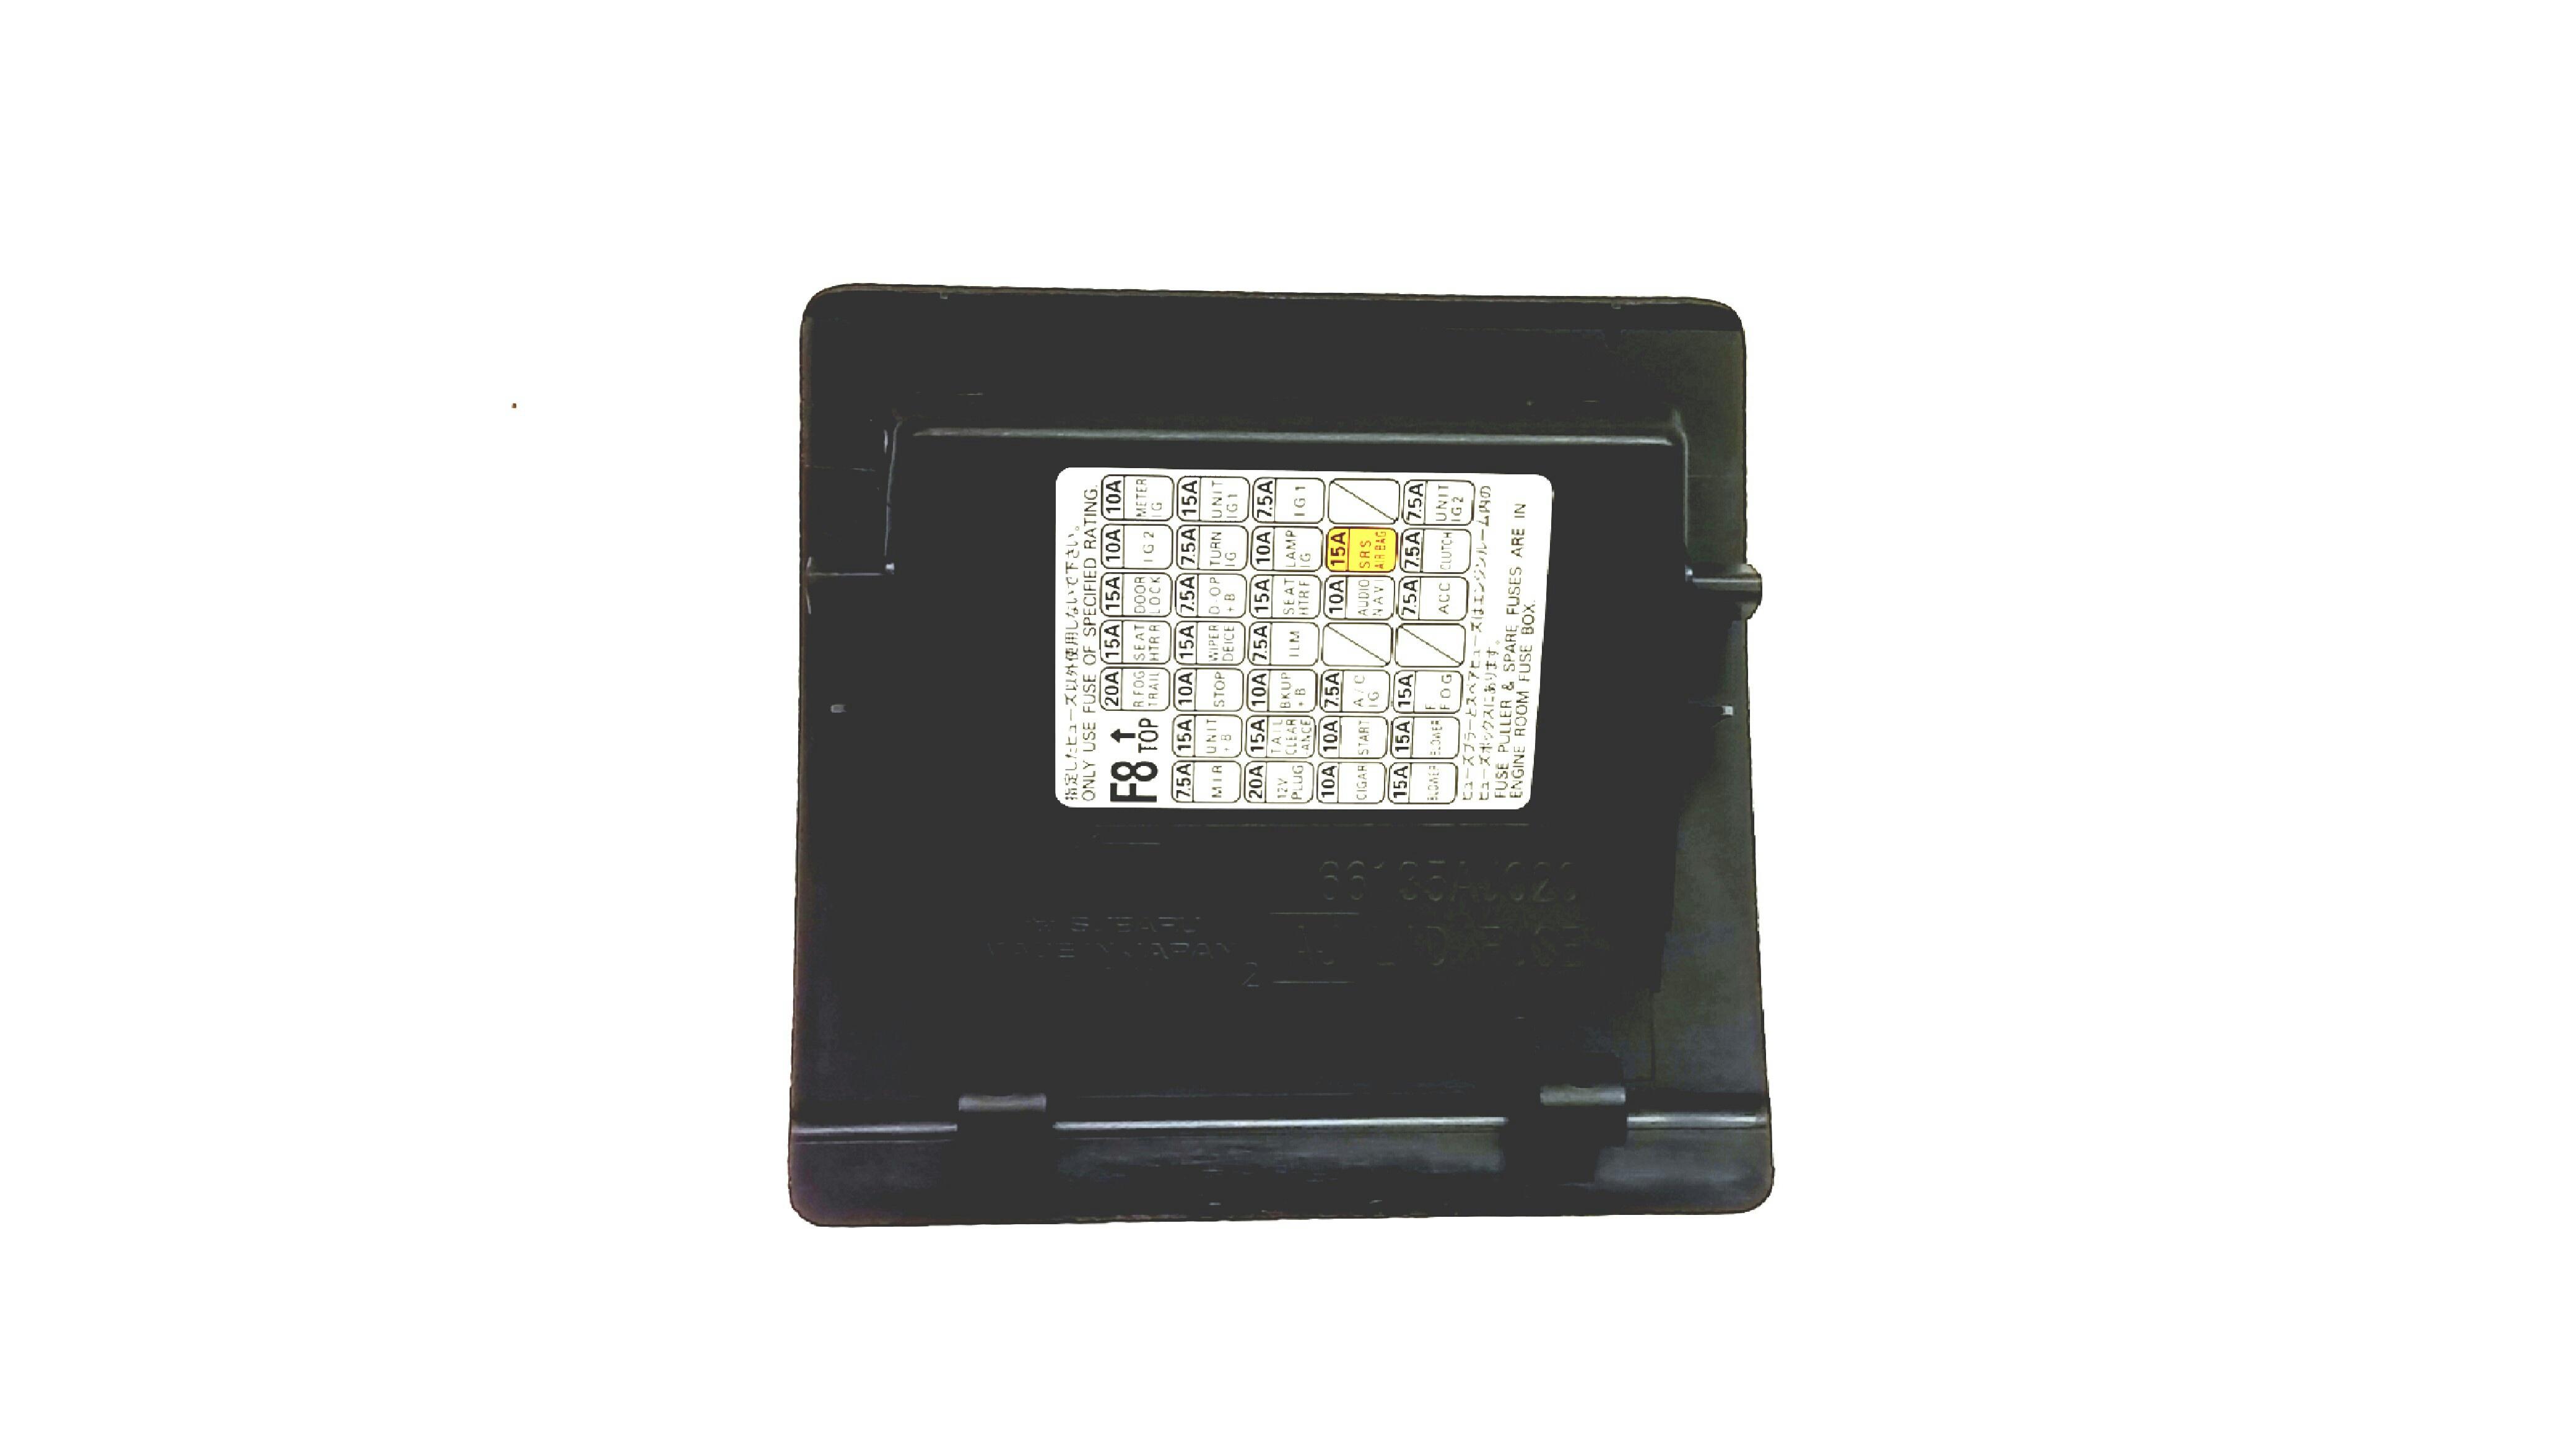 subaru crosstrek fuse box subaru crosstrek fuse box subaru crosstrek lid assembly-fuse box - 66135fj020vh ... #1